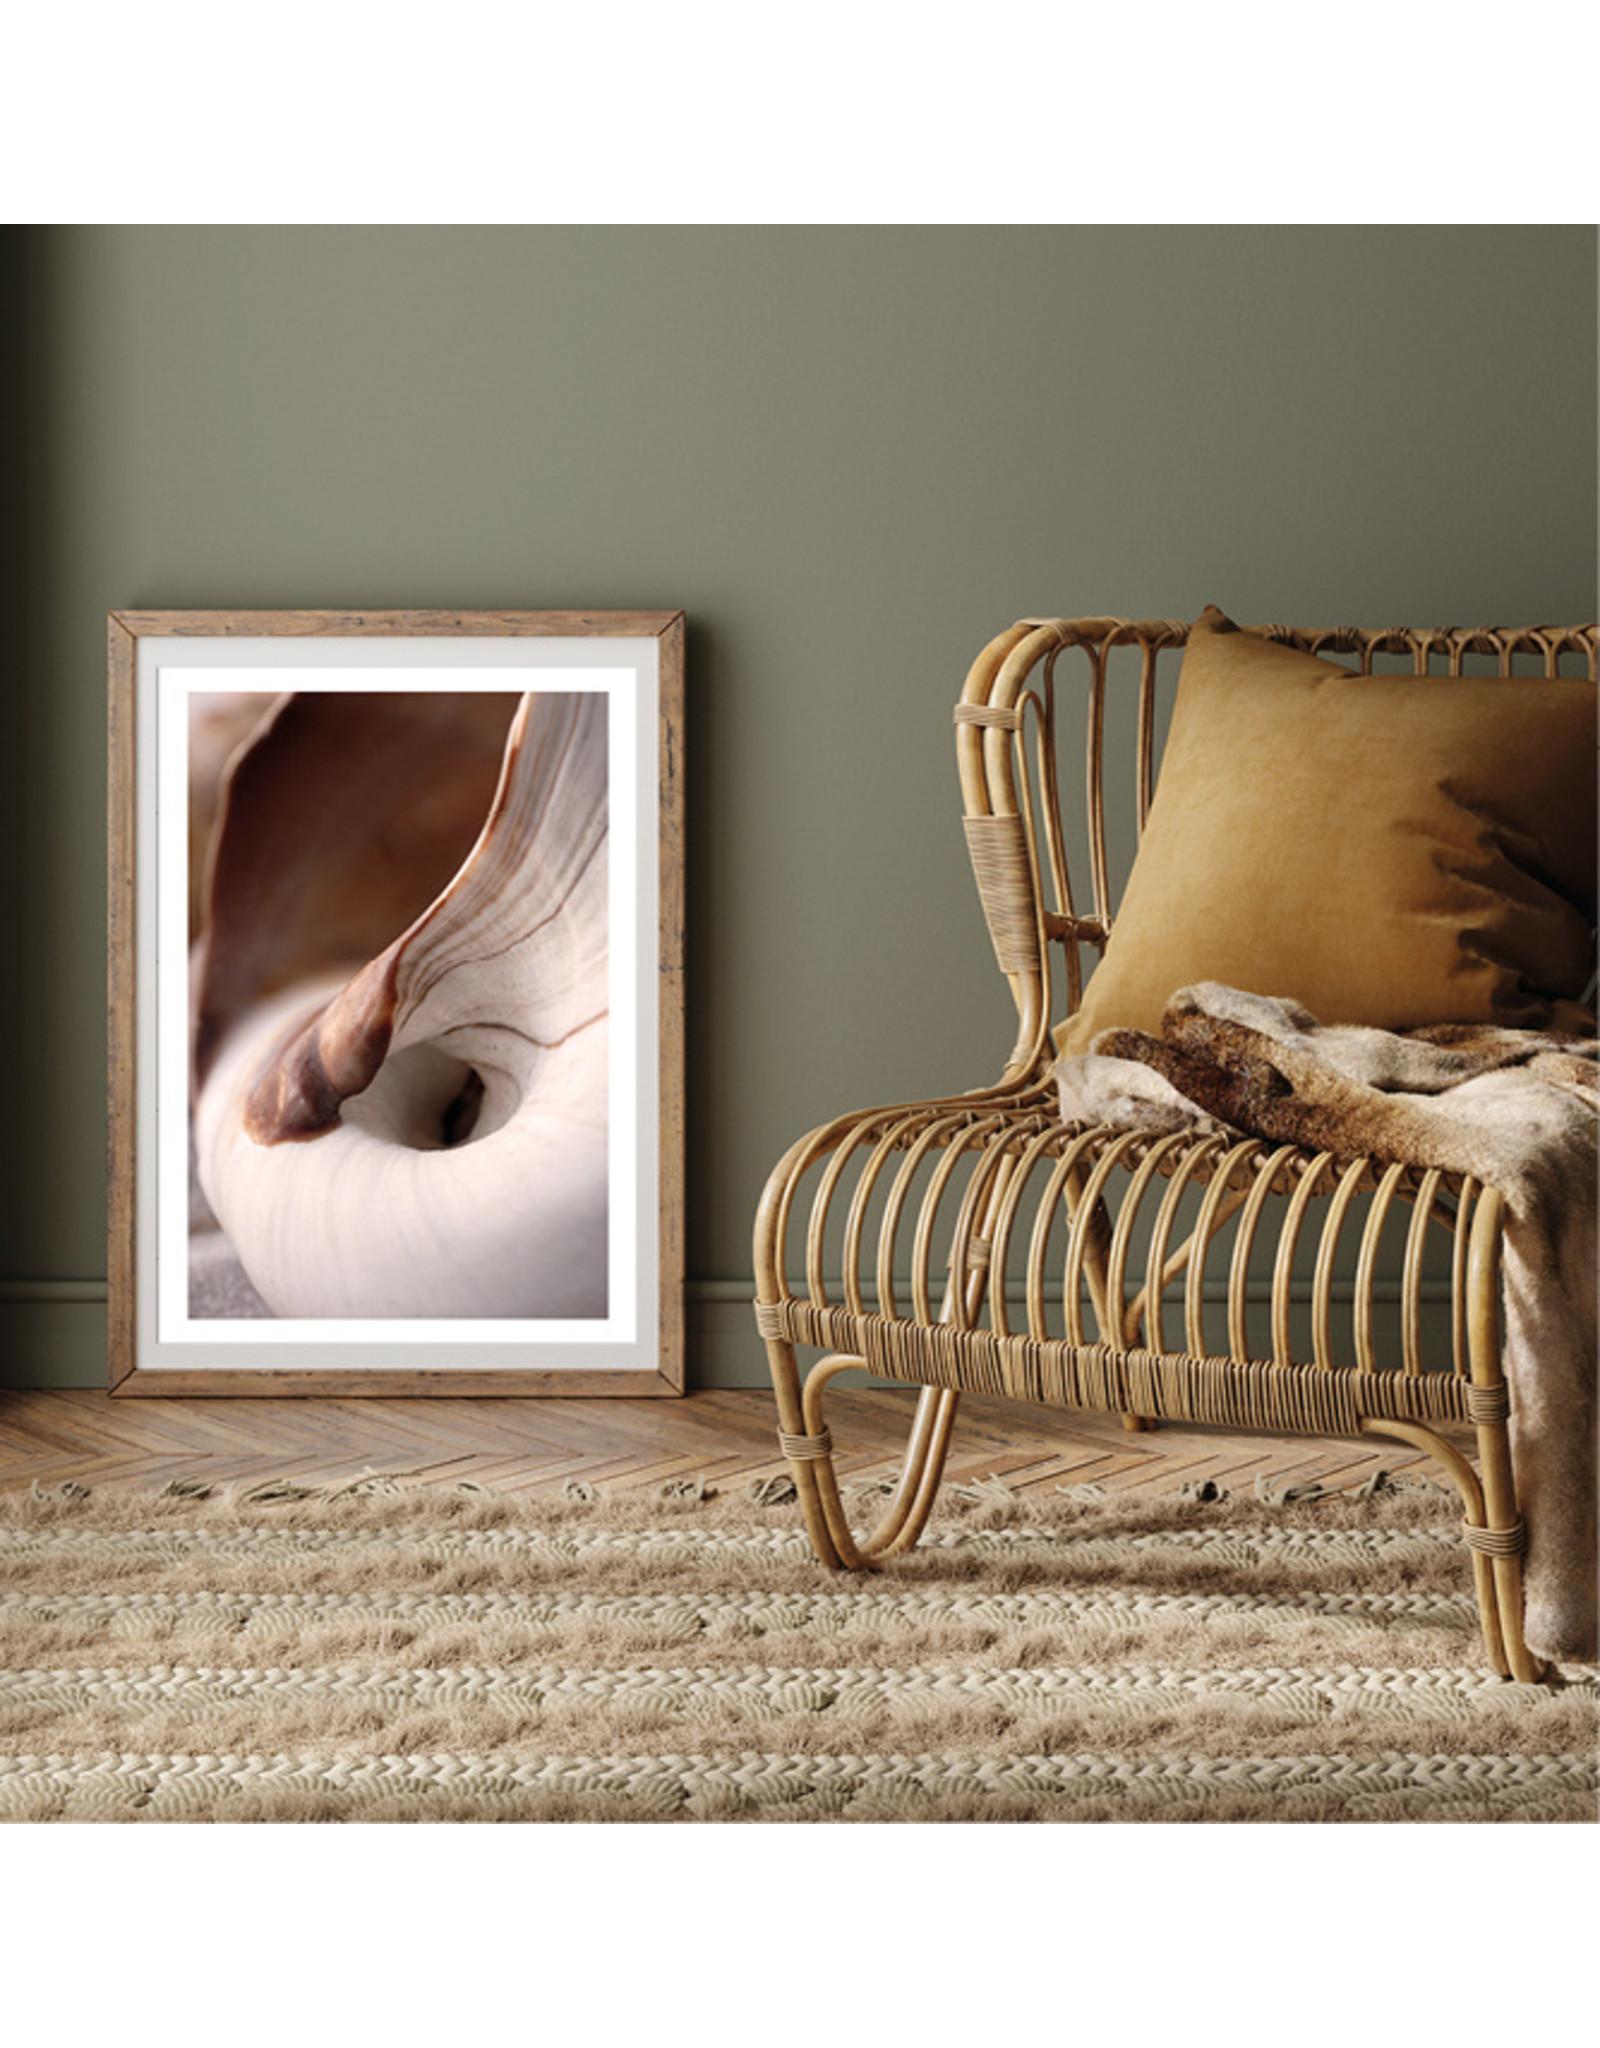 Dunnebier Home Poster Schelp close up